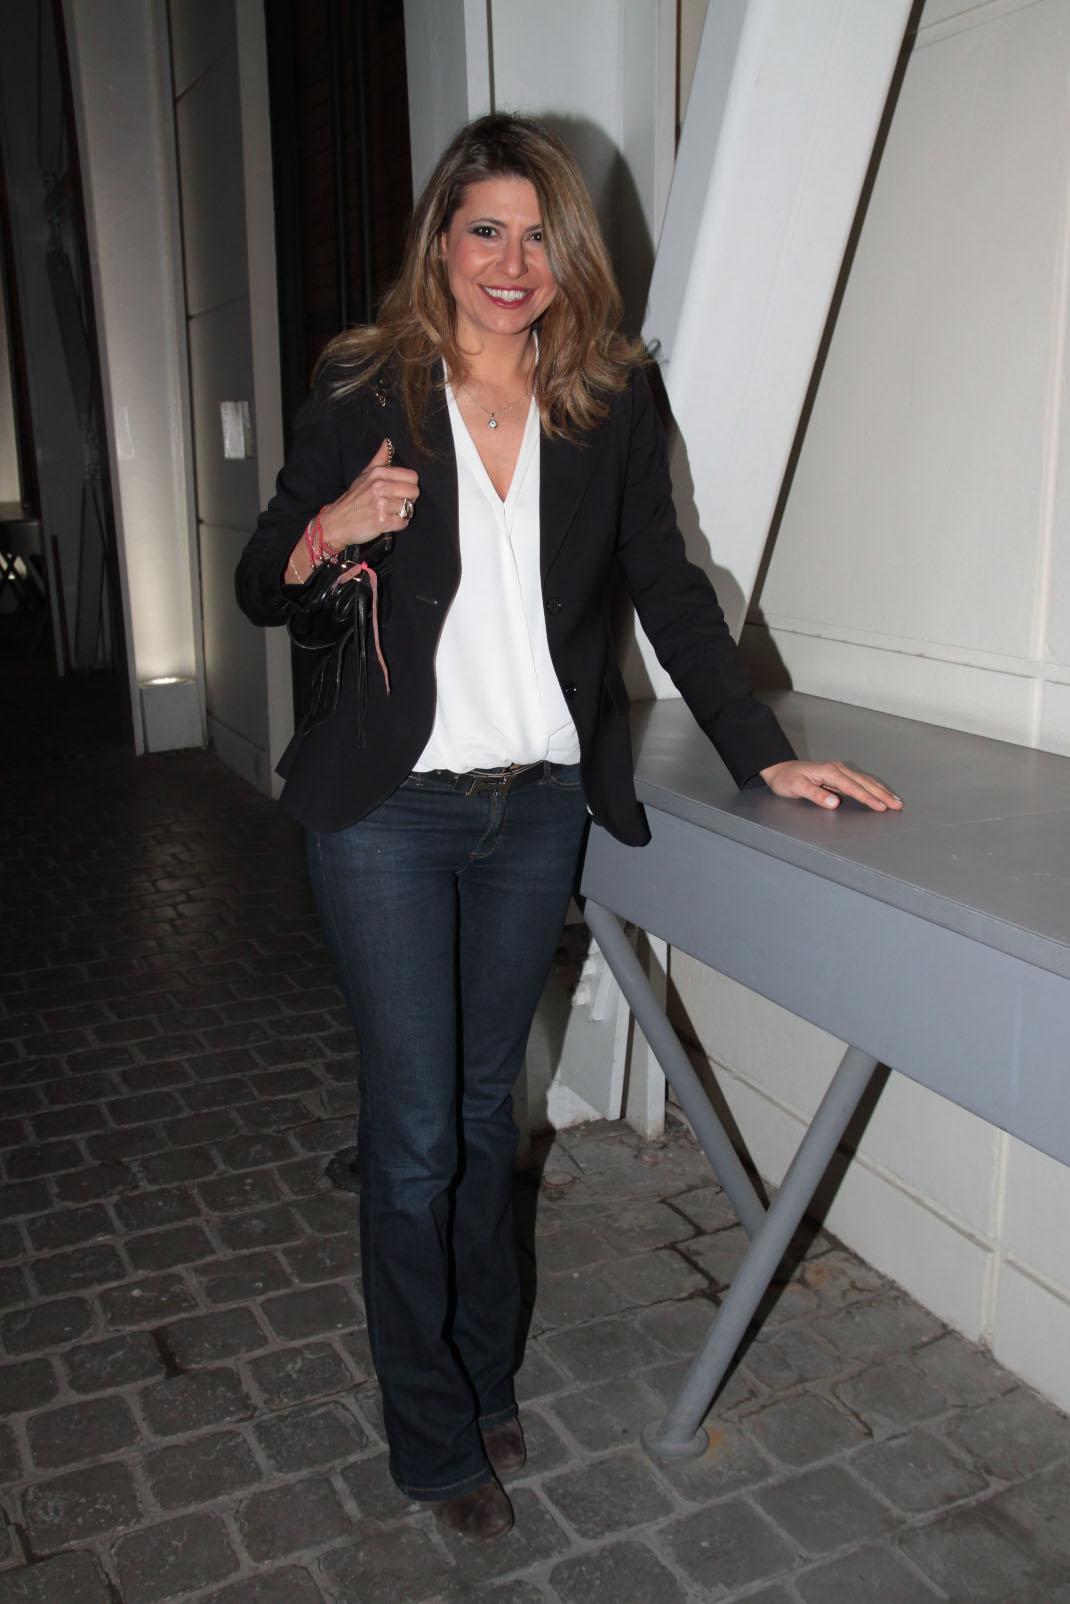 Δείτε πως είναι σήμερα η παρουσιάστρια καιρού του ALTER Μαρία Σινιώρη